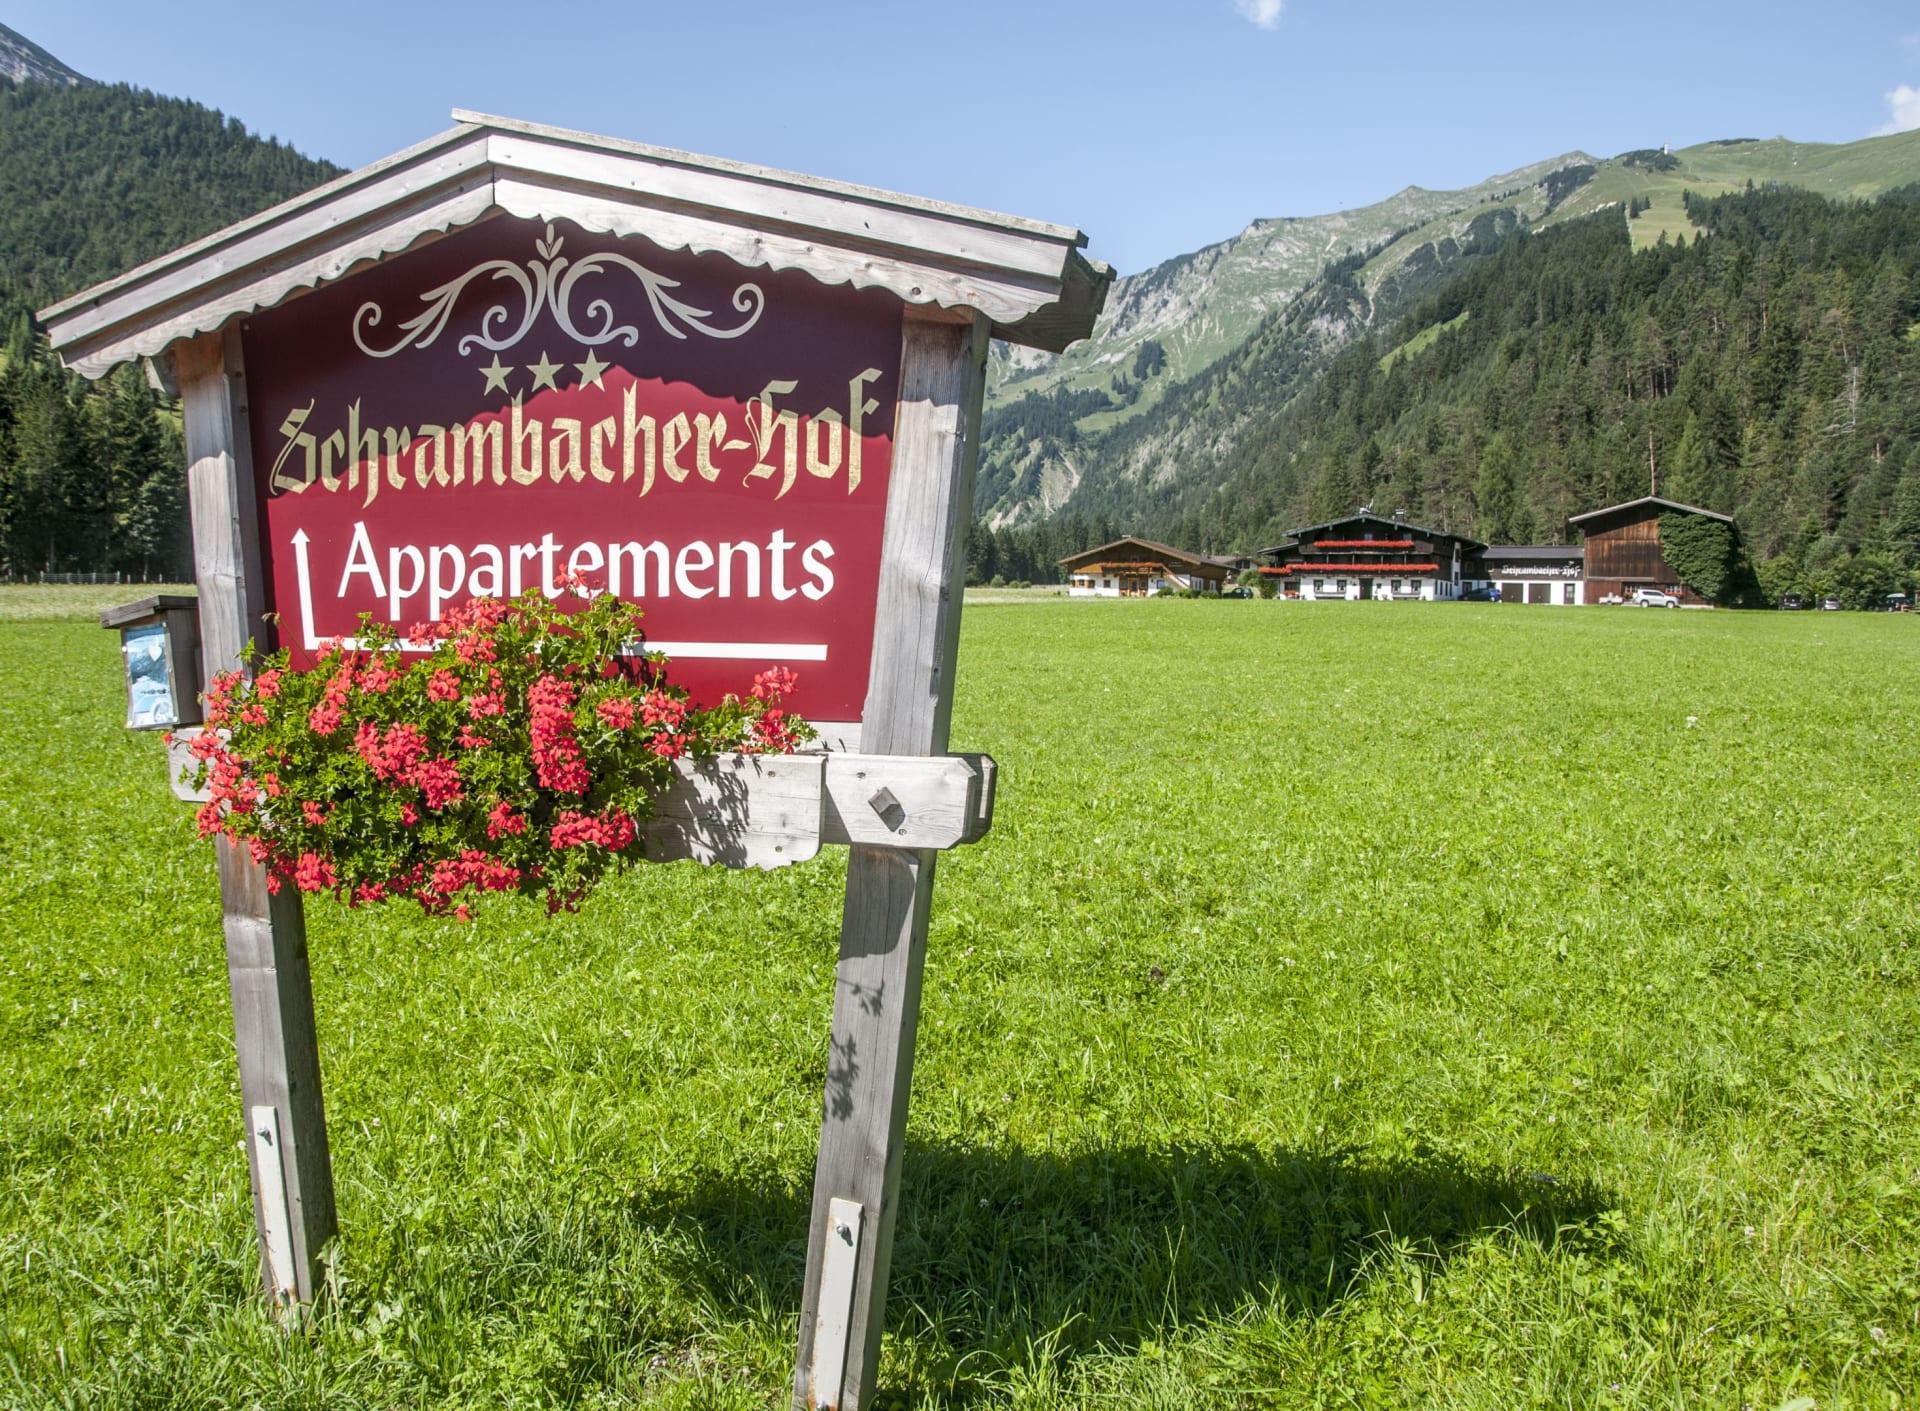 Willkommen am Schrambacherhof